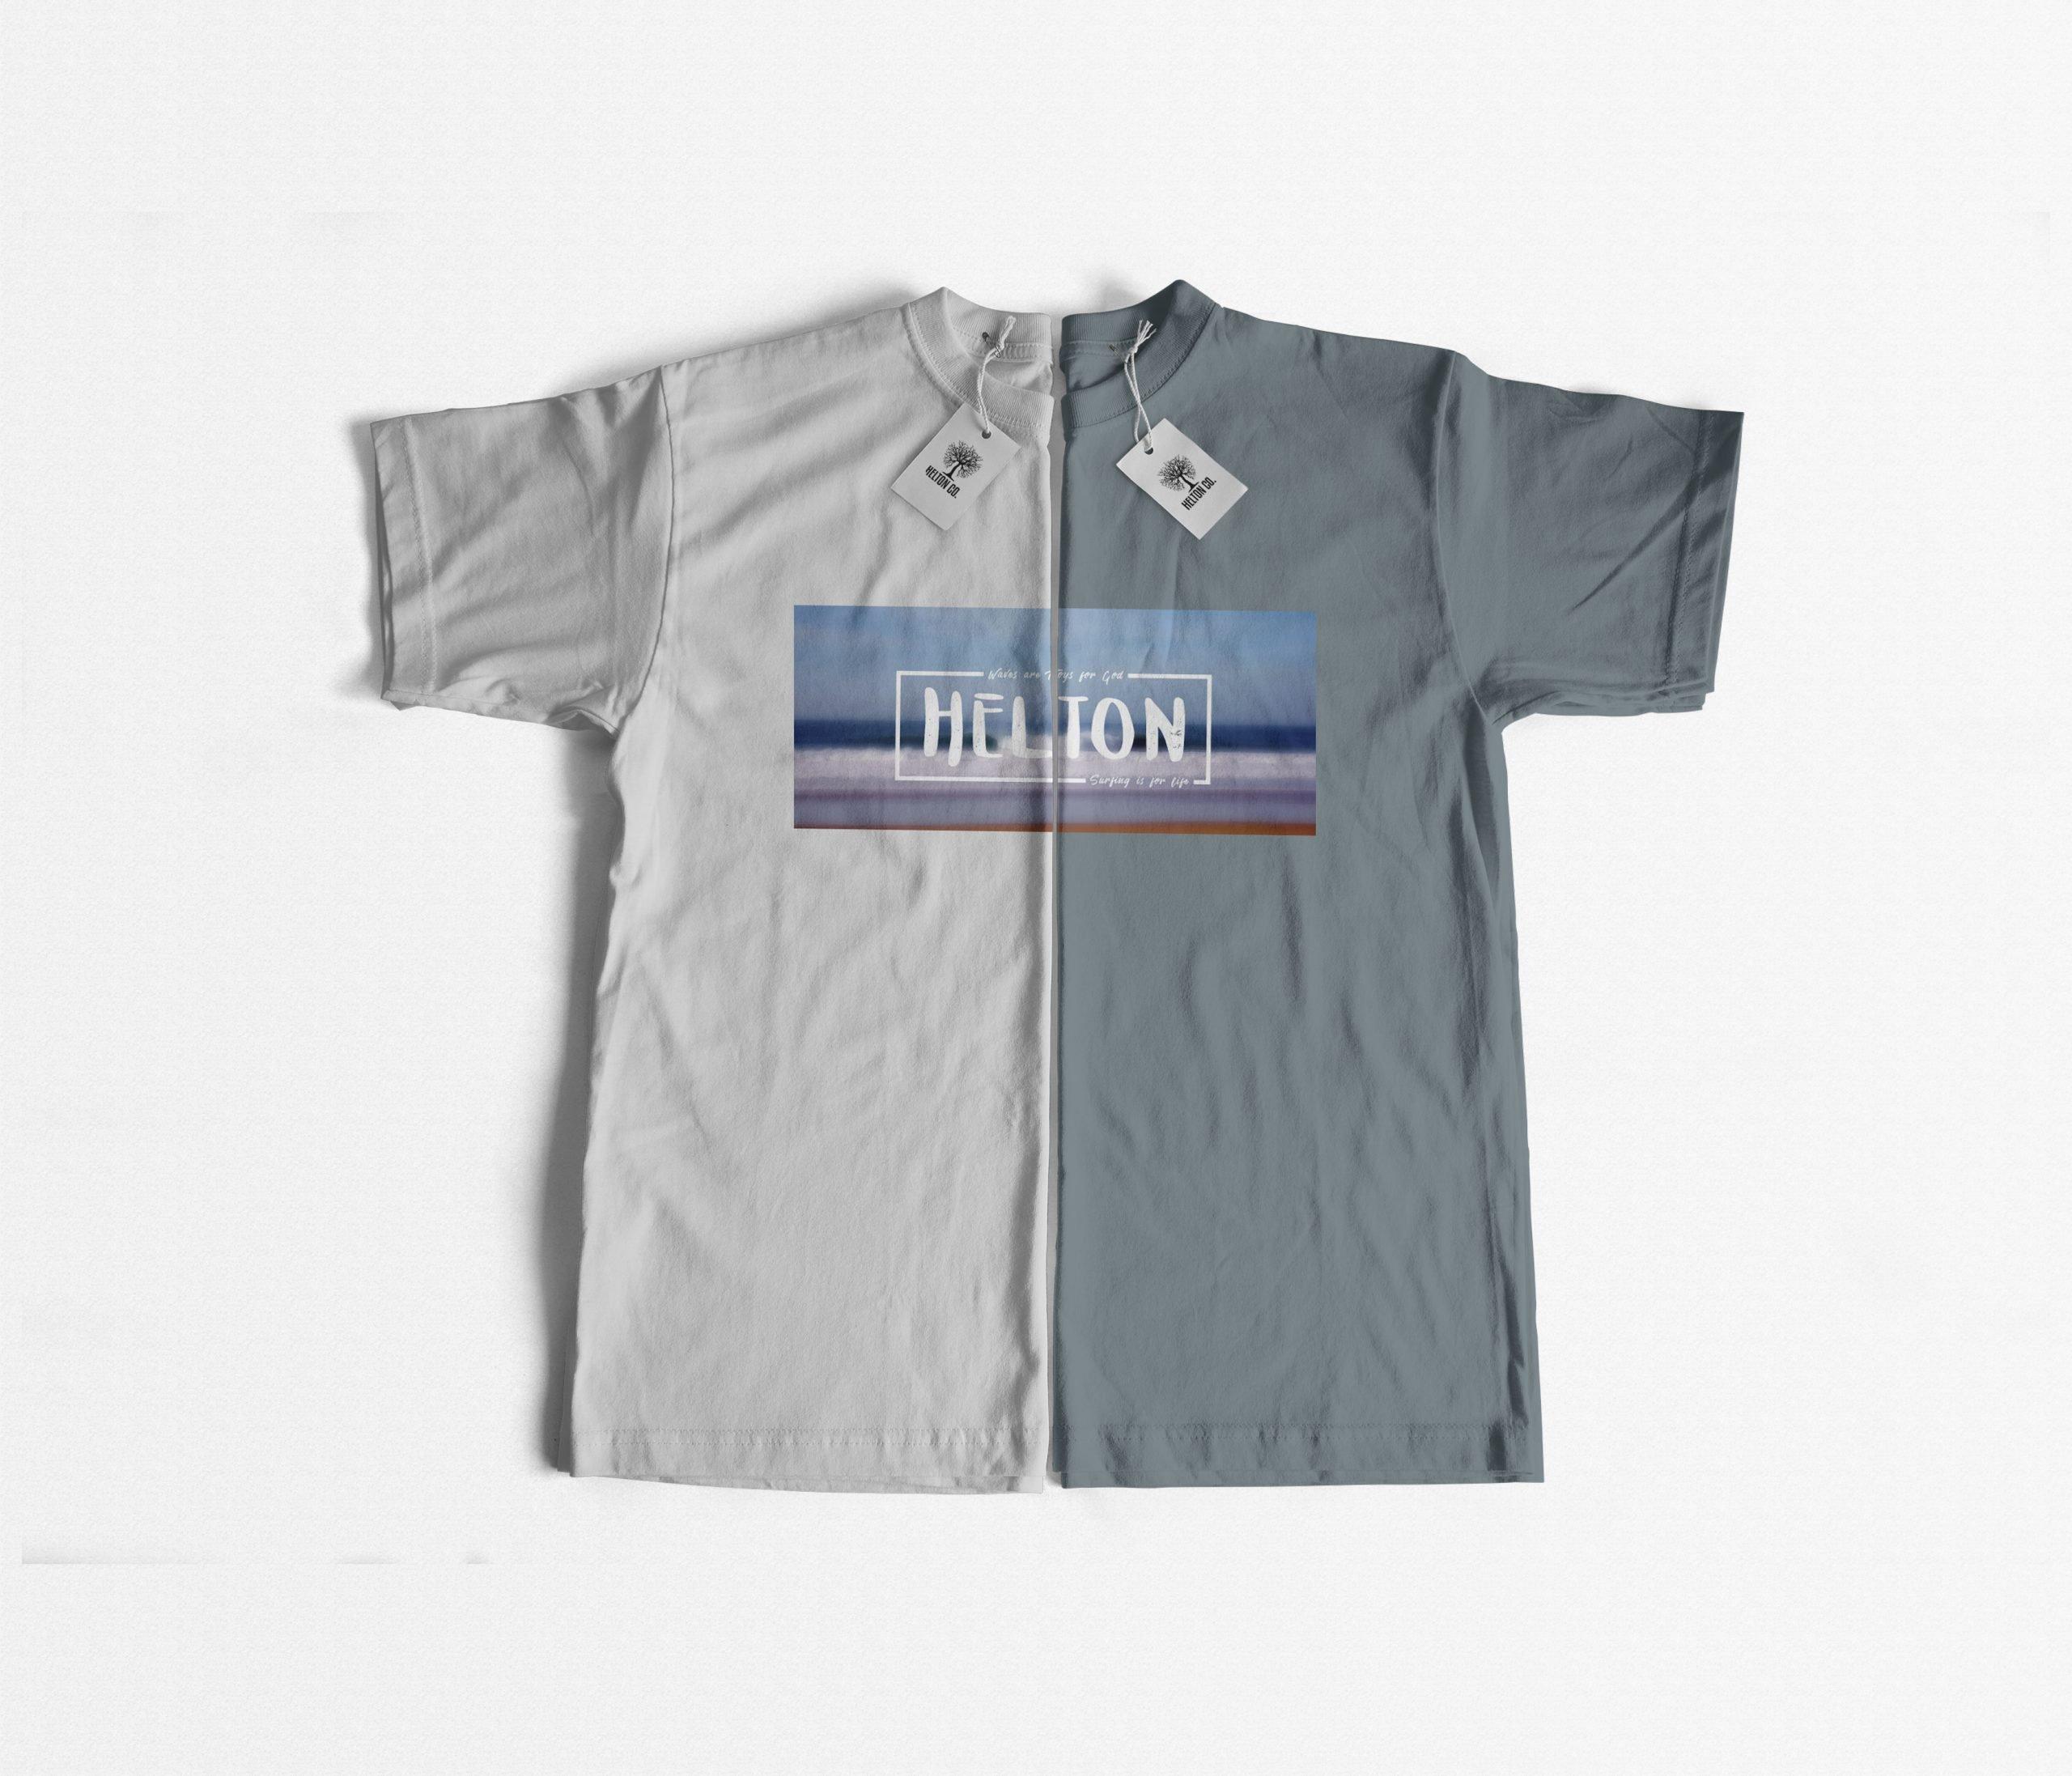 Camiseta Helton Doble